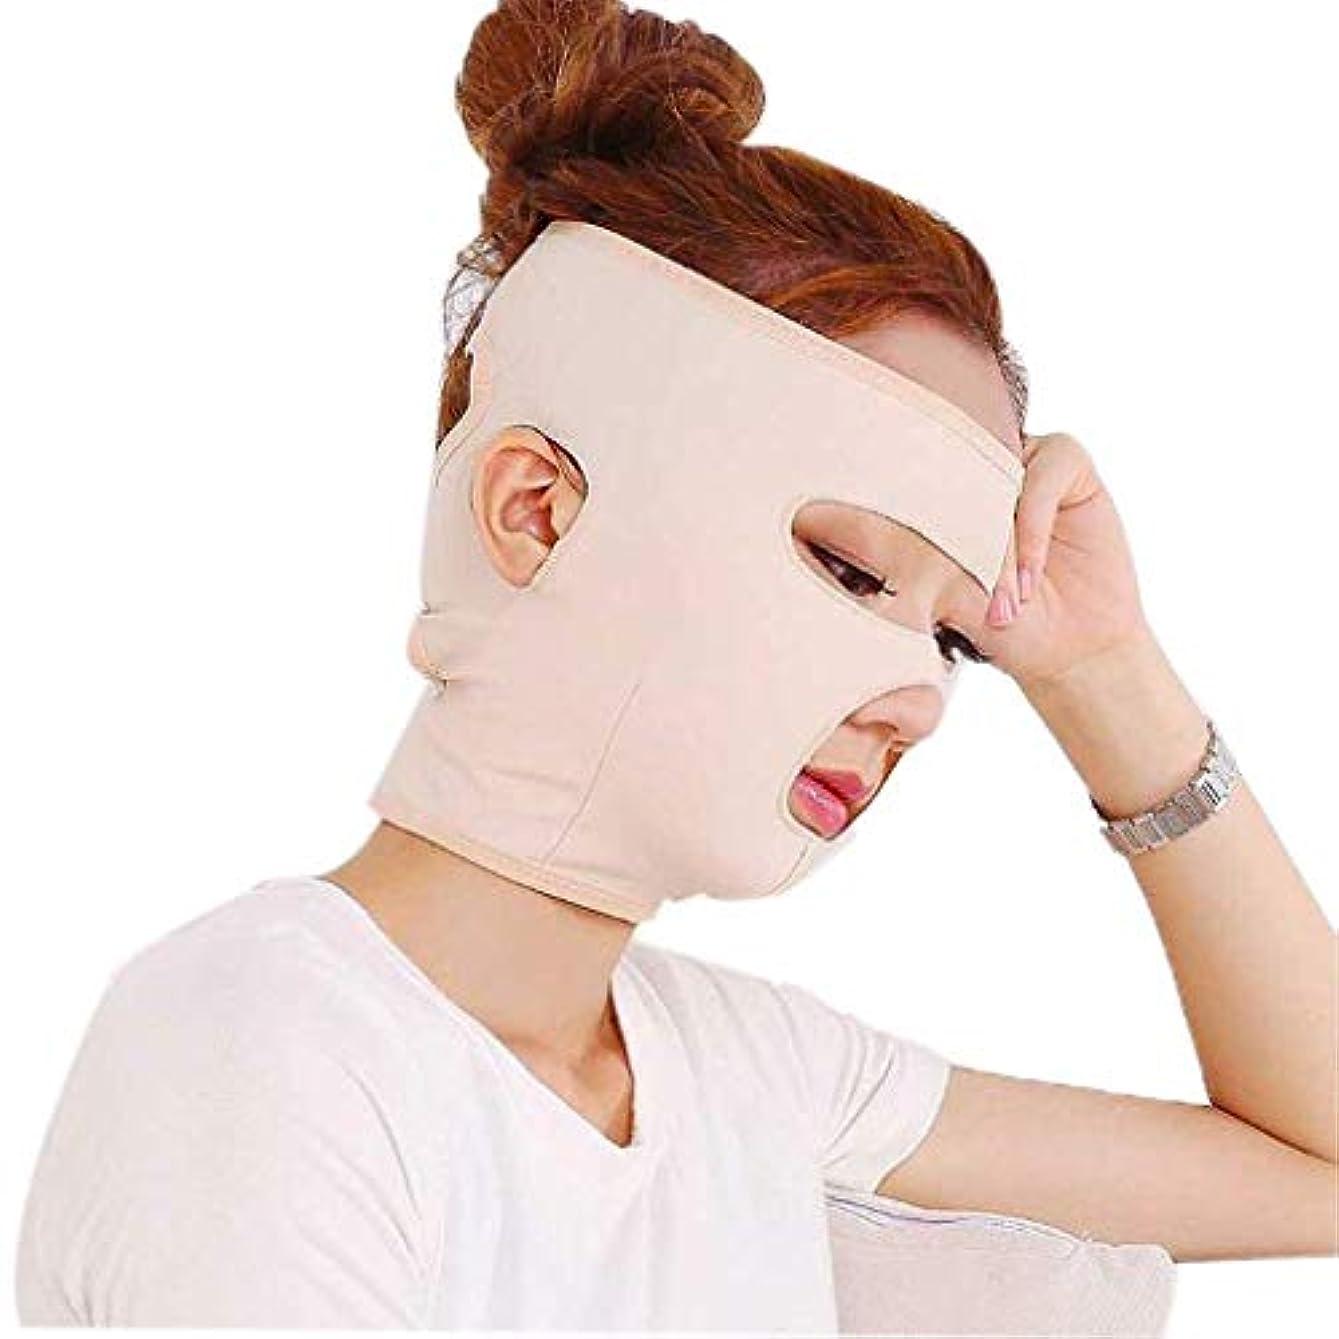 成長乱闘地下鉄フェイスリフティングマスク、フルフェイス通気性の術後回復包帯リフティング引き締め肌の減少は、小さなVフェイスマスクを作成します(サイズ:M)